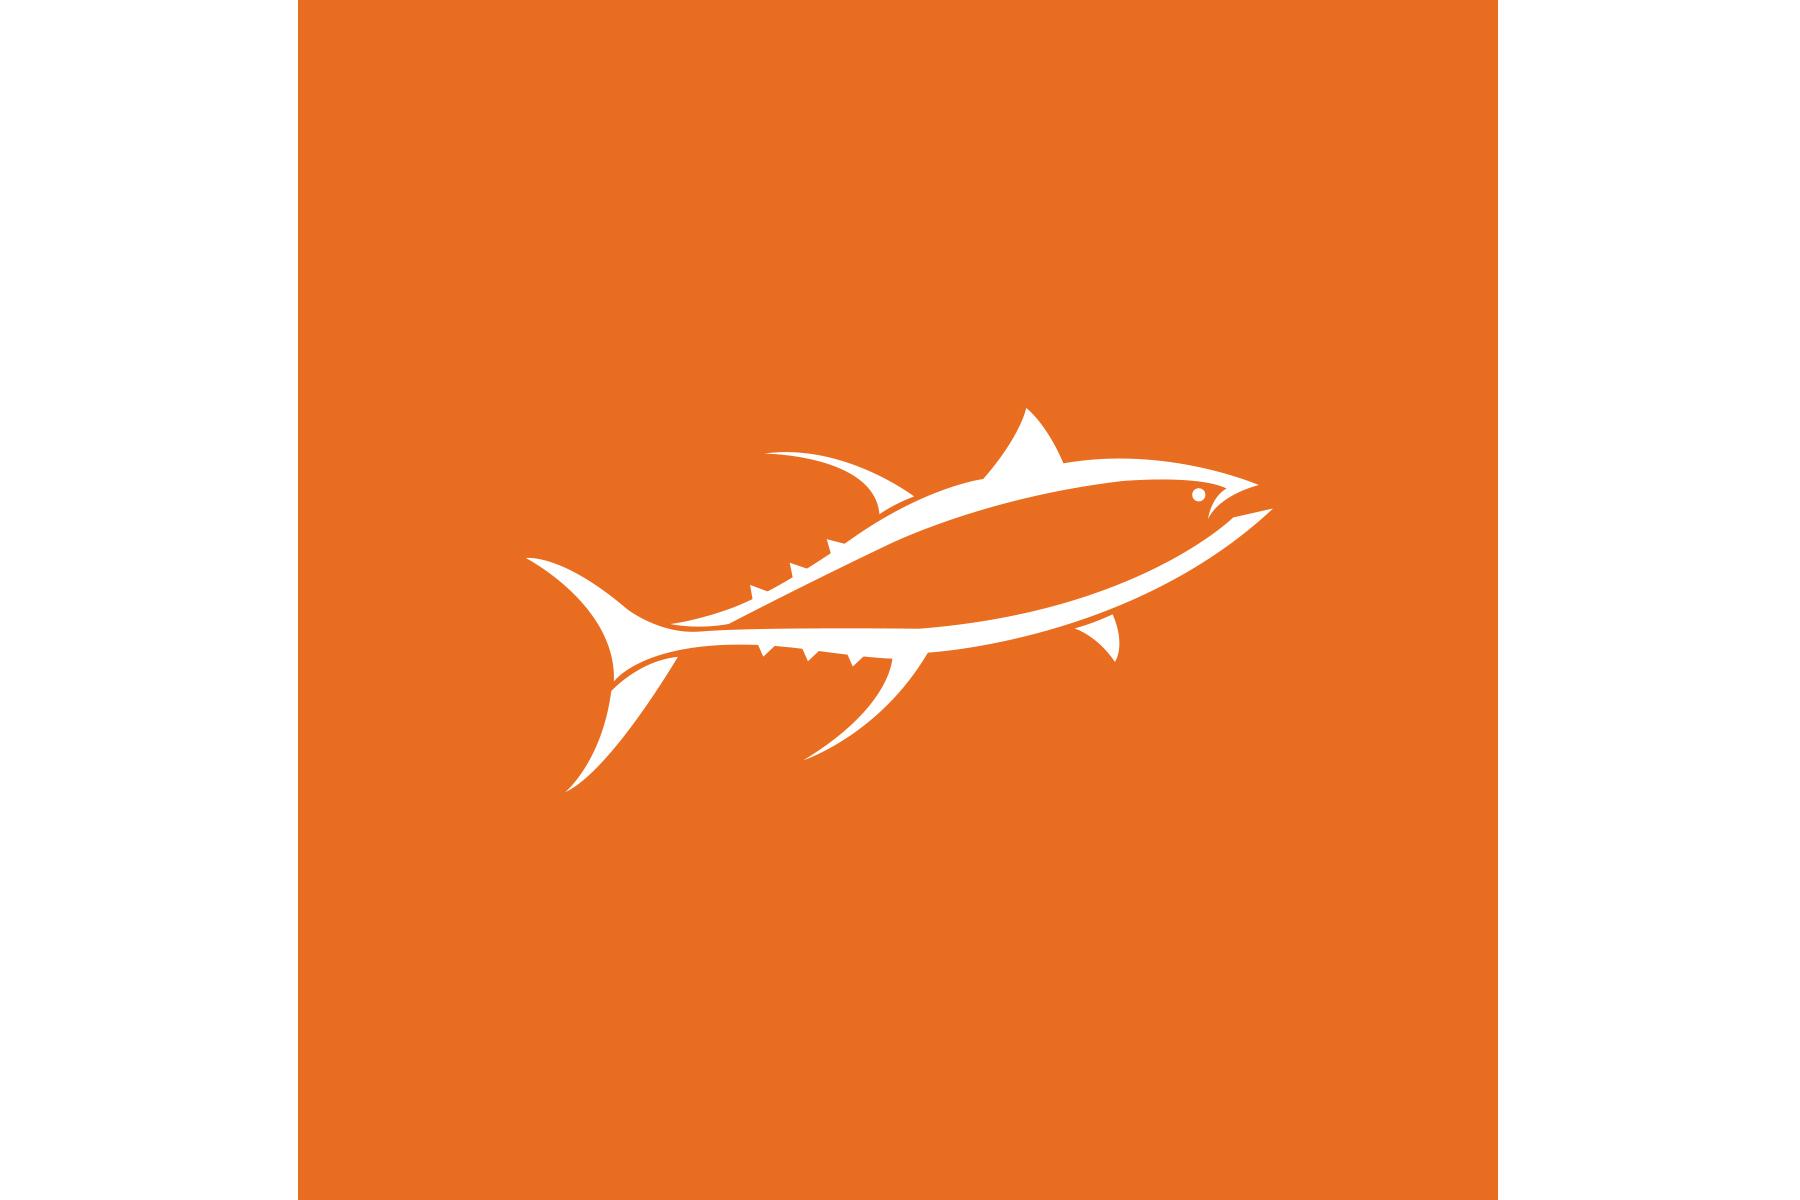 Logos_6x4_ColorBlock_Tuna.jpg